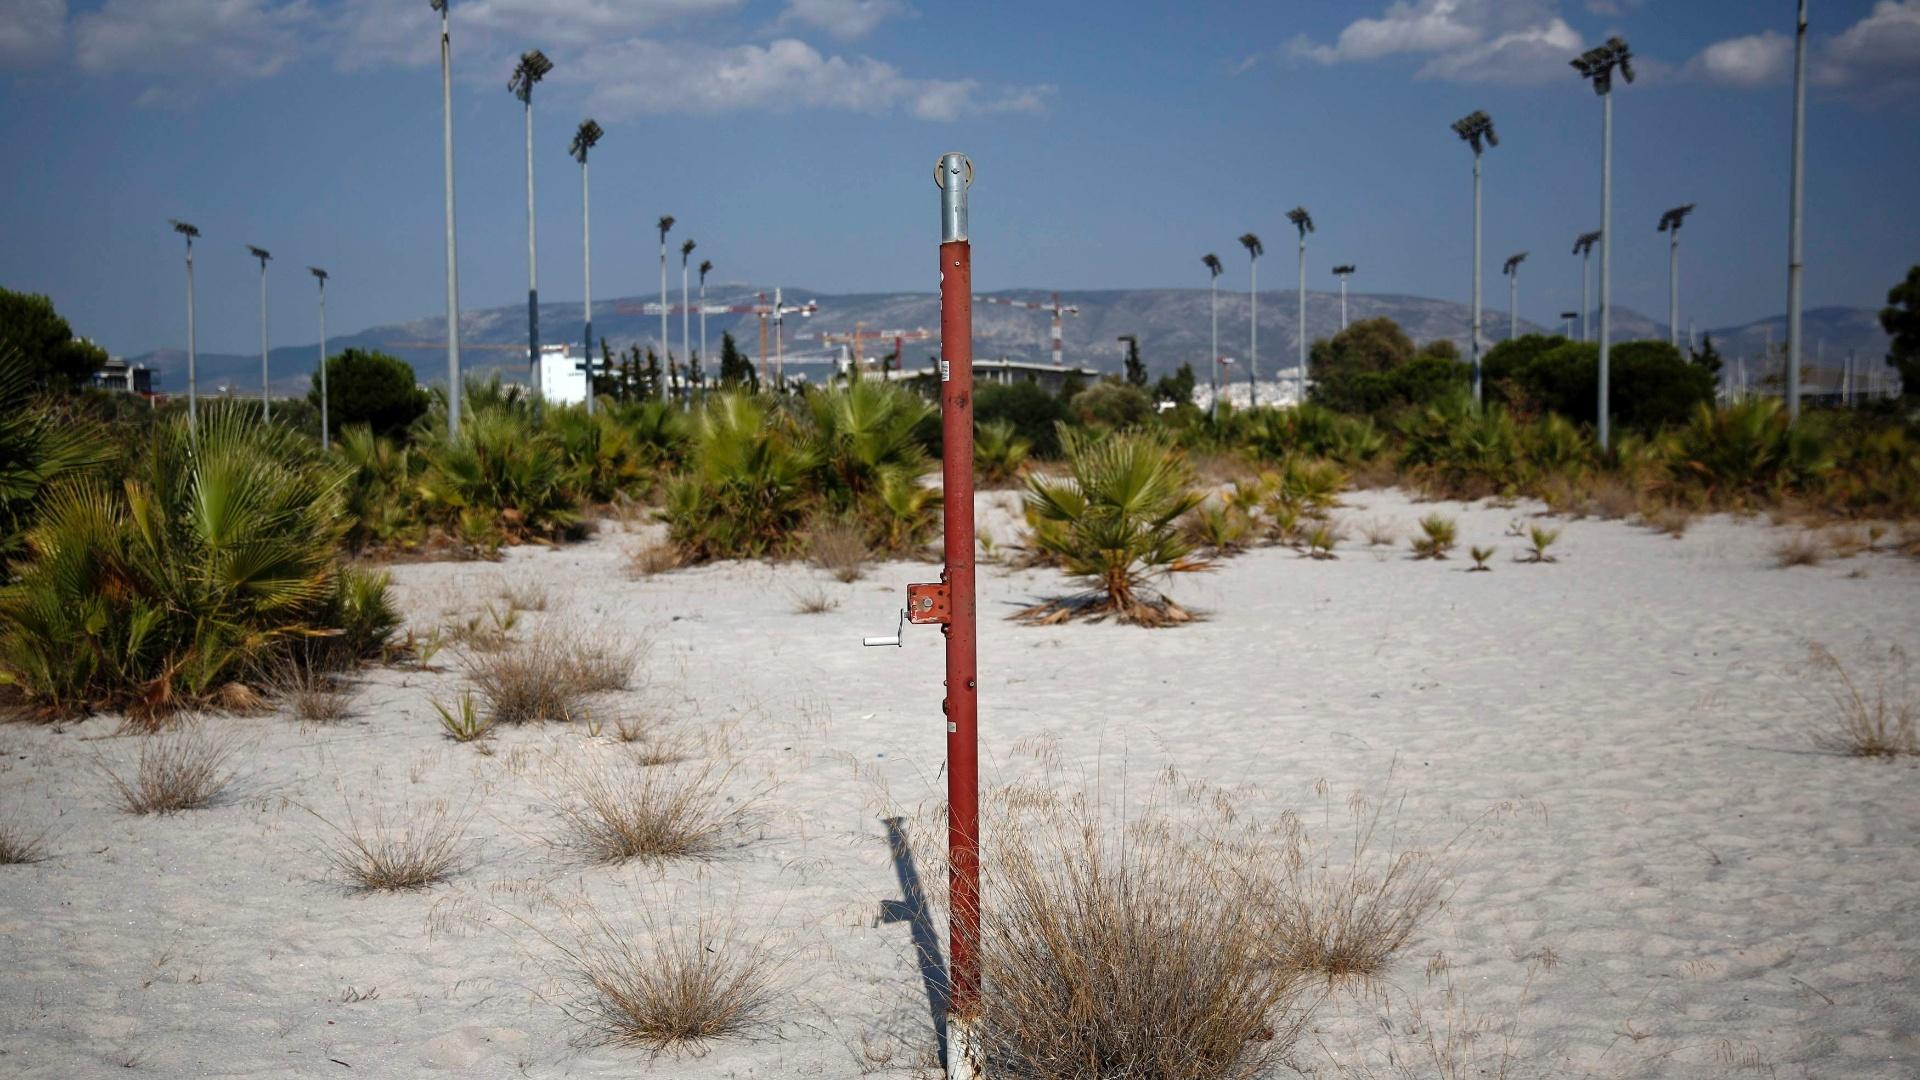 29.jul.2014 - Uma das estruturas usadas nos Jogos Olímpicos de Atenas que estão totalmente abandonadas hoje é o centro de vôlei de praia. A quadra principal e os campos de treinamento estão inutilizados